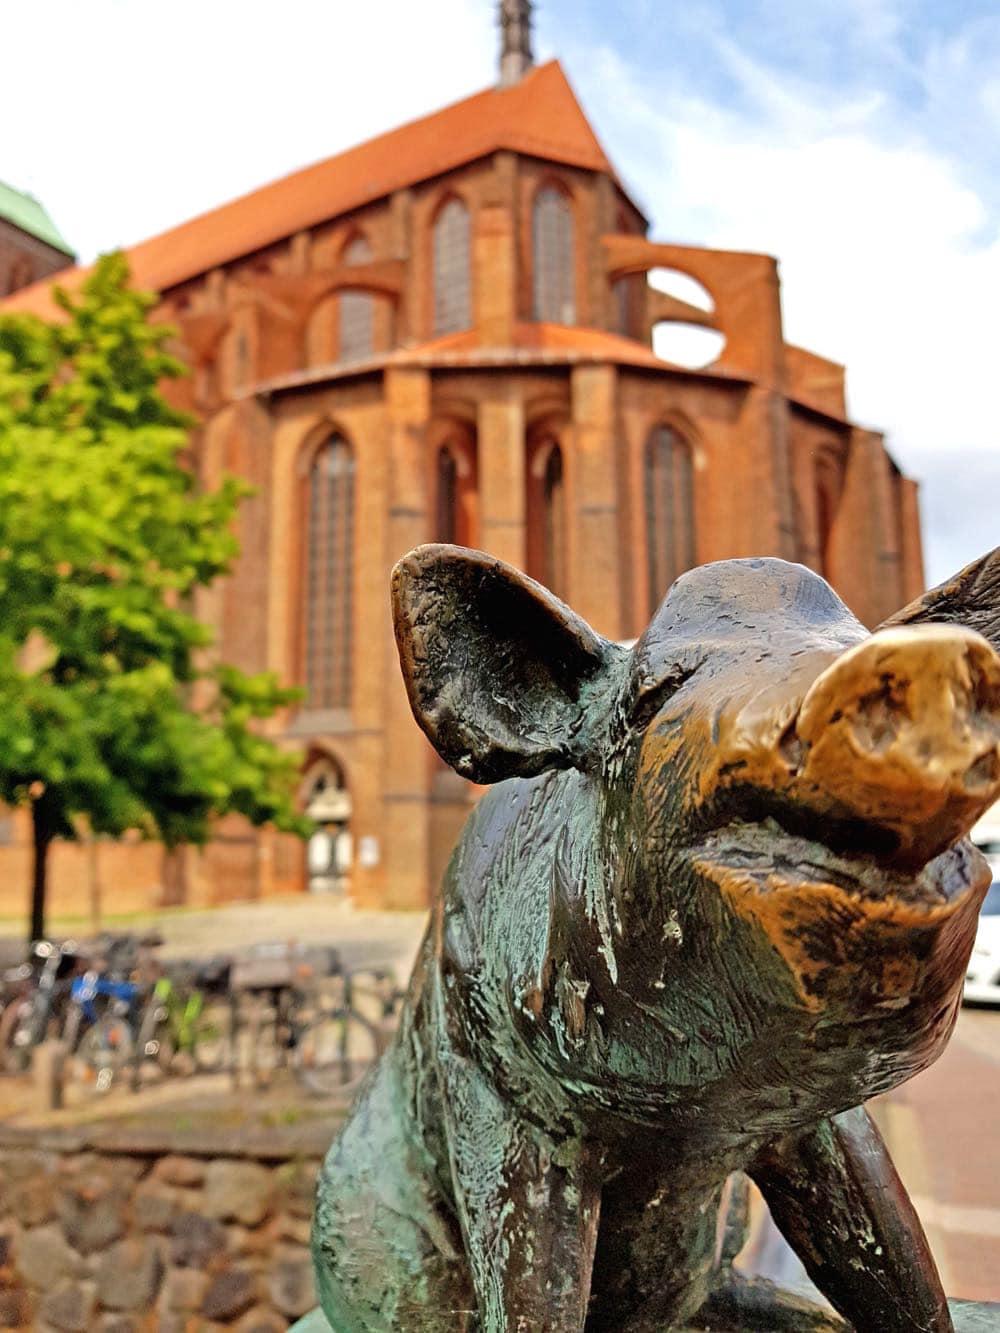 schweinsbruecke wismar boltenhagen roadtrip ostdeutschland urlaub 10 - Tipps für einen Roadtrip durch Ostdeutschland